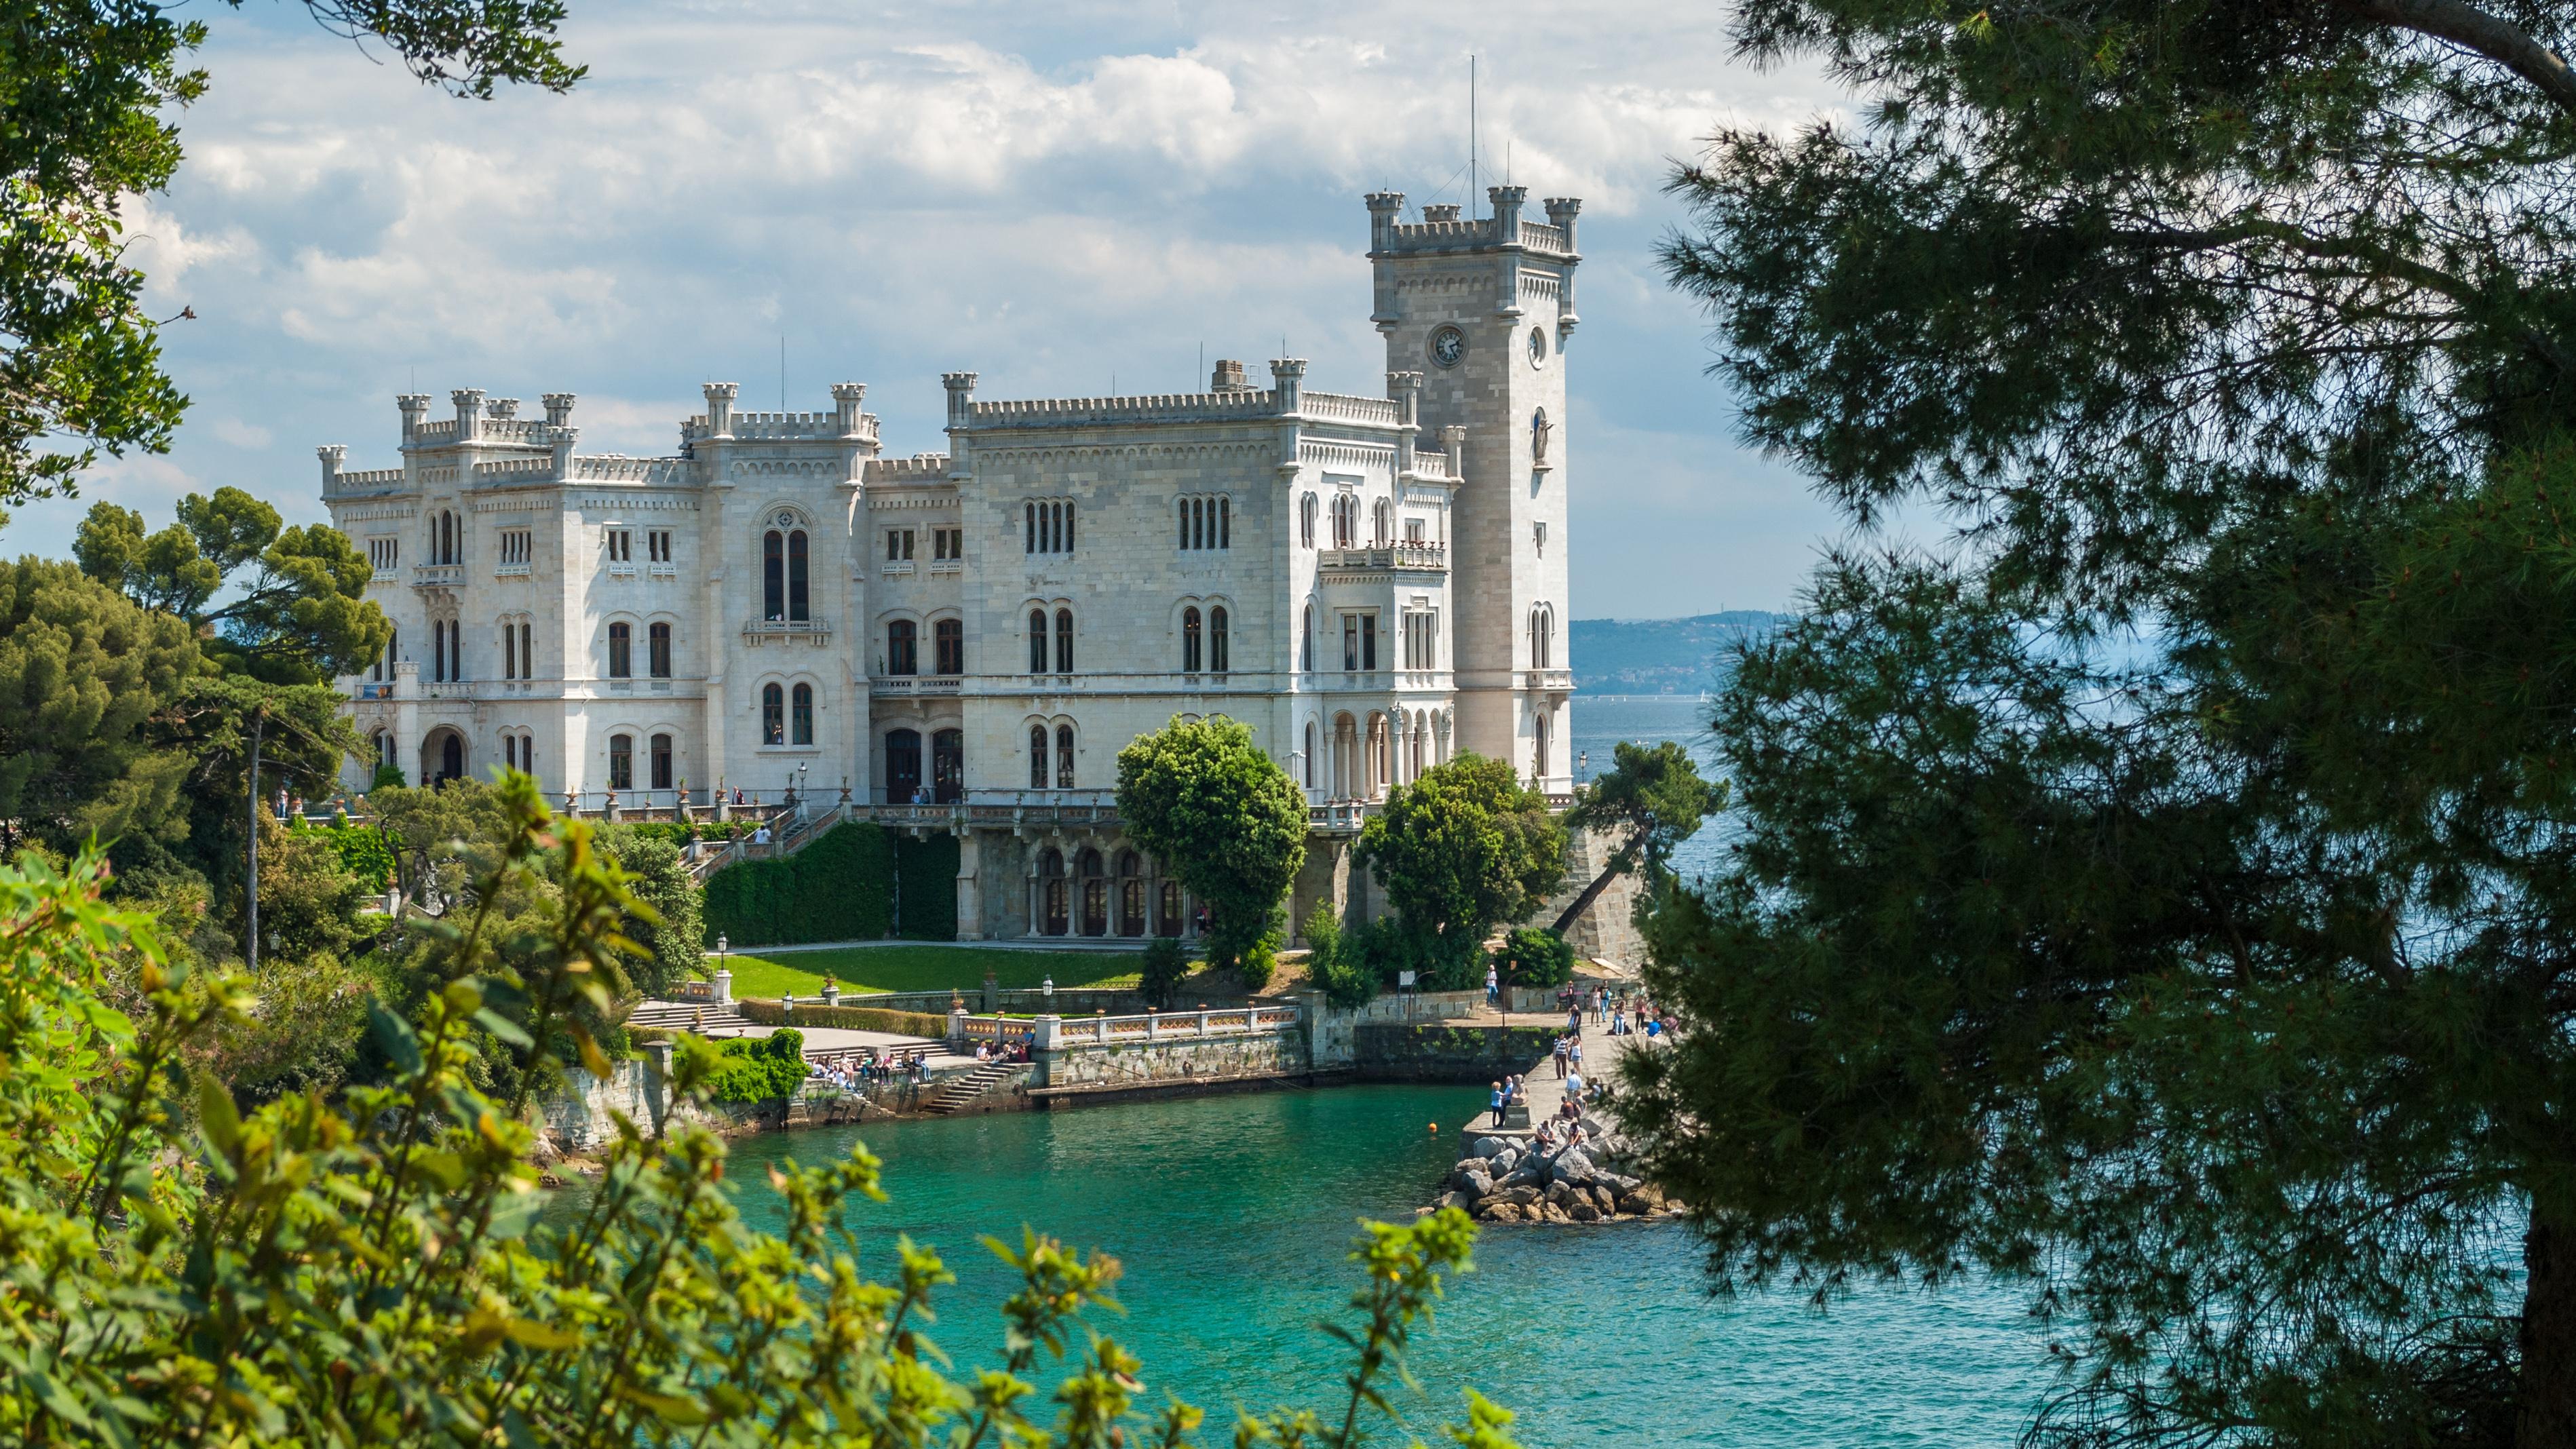 Locks in the price of Venice